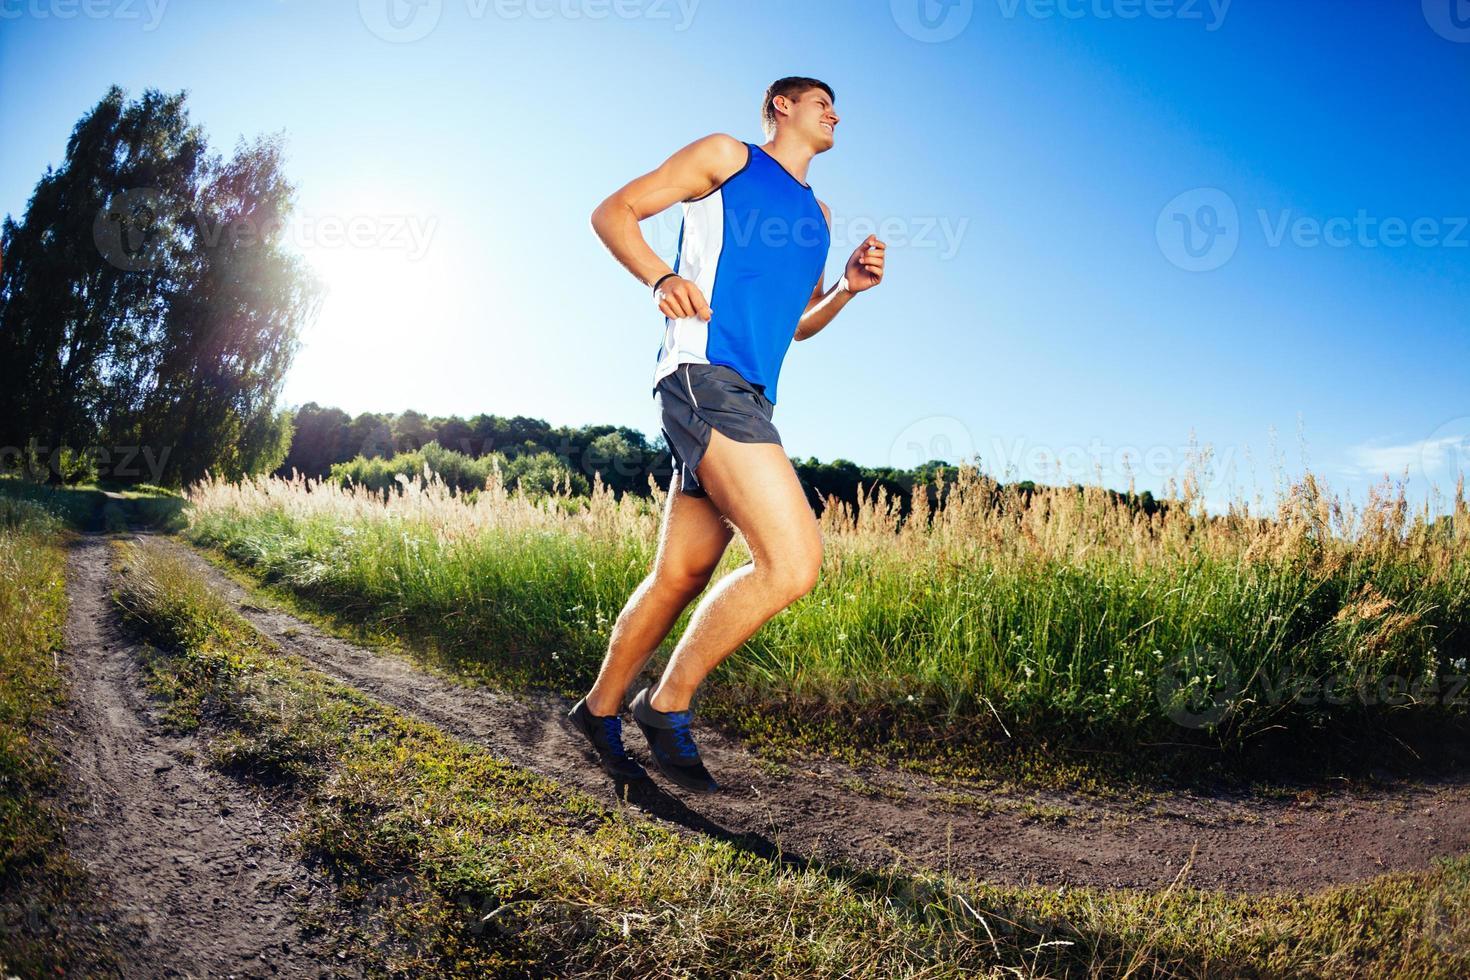 courir dans la campagne photo